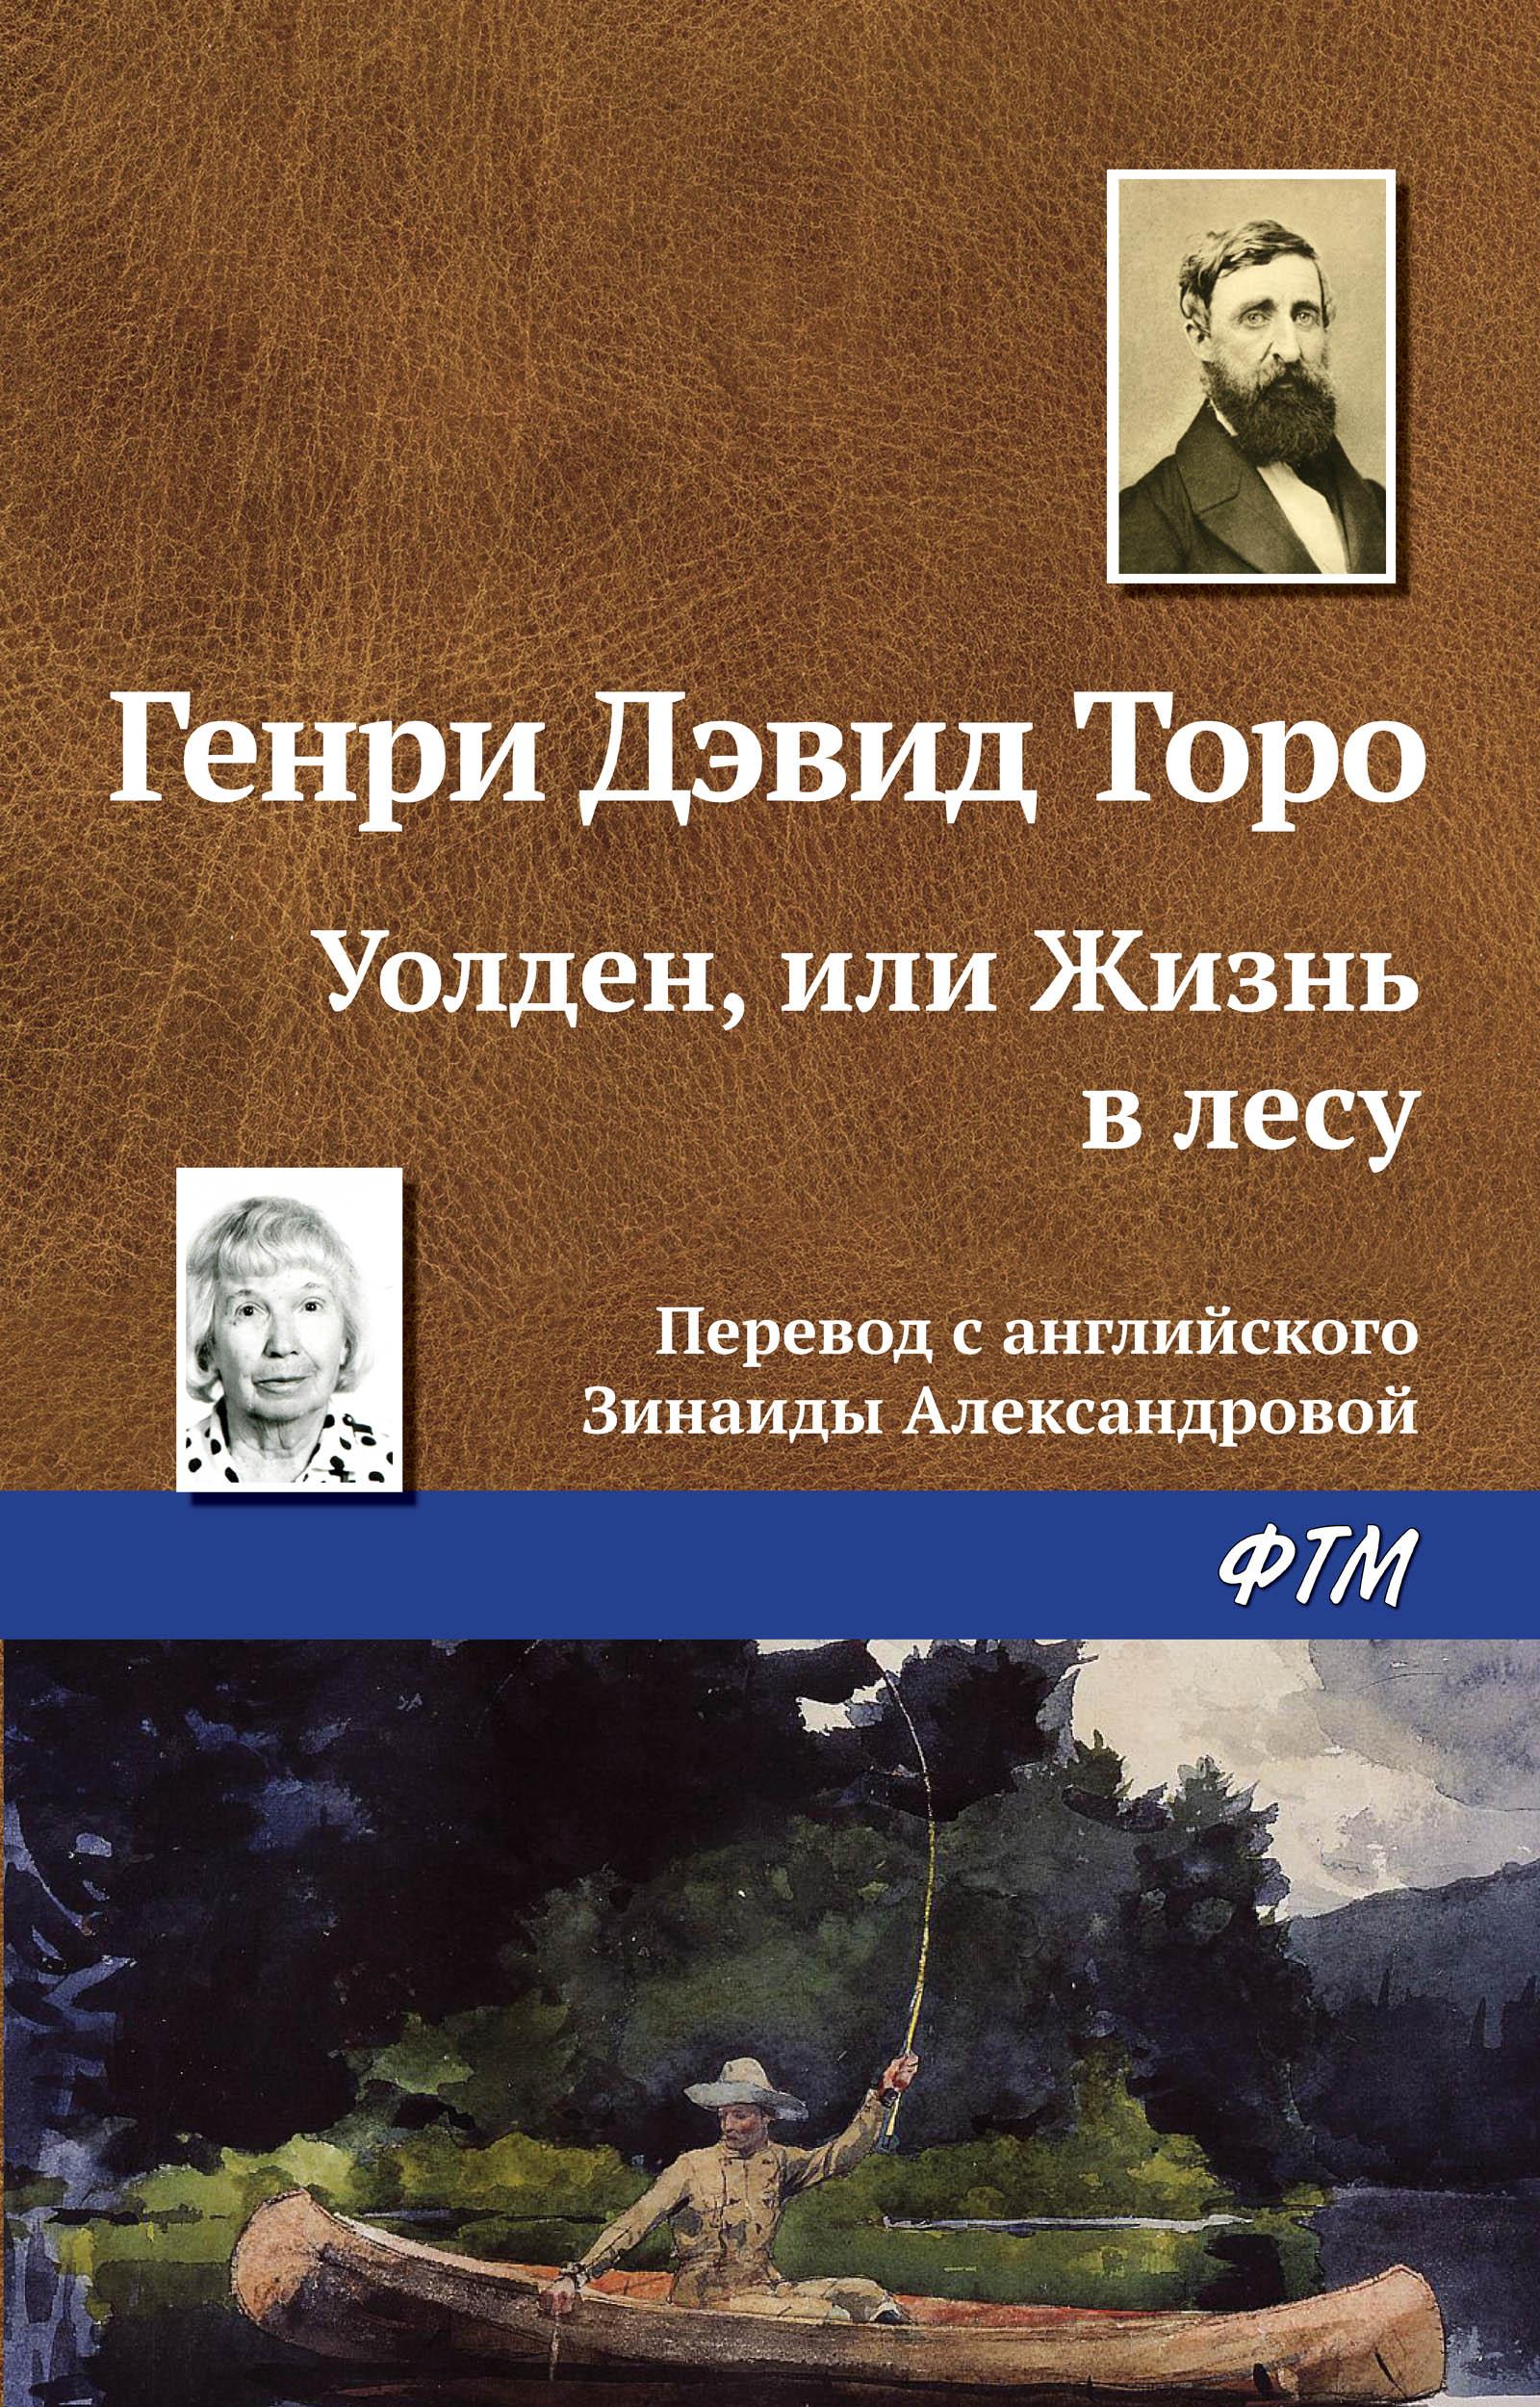 Генри Дэвид Торо Уолден, или Жизнь в лесу генри дэвид торо уолден или жизнь в лесу